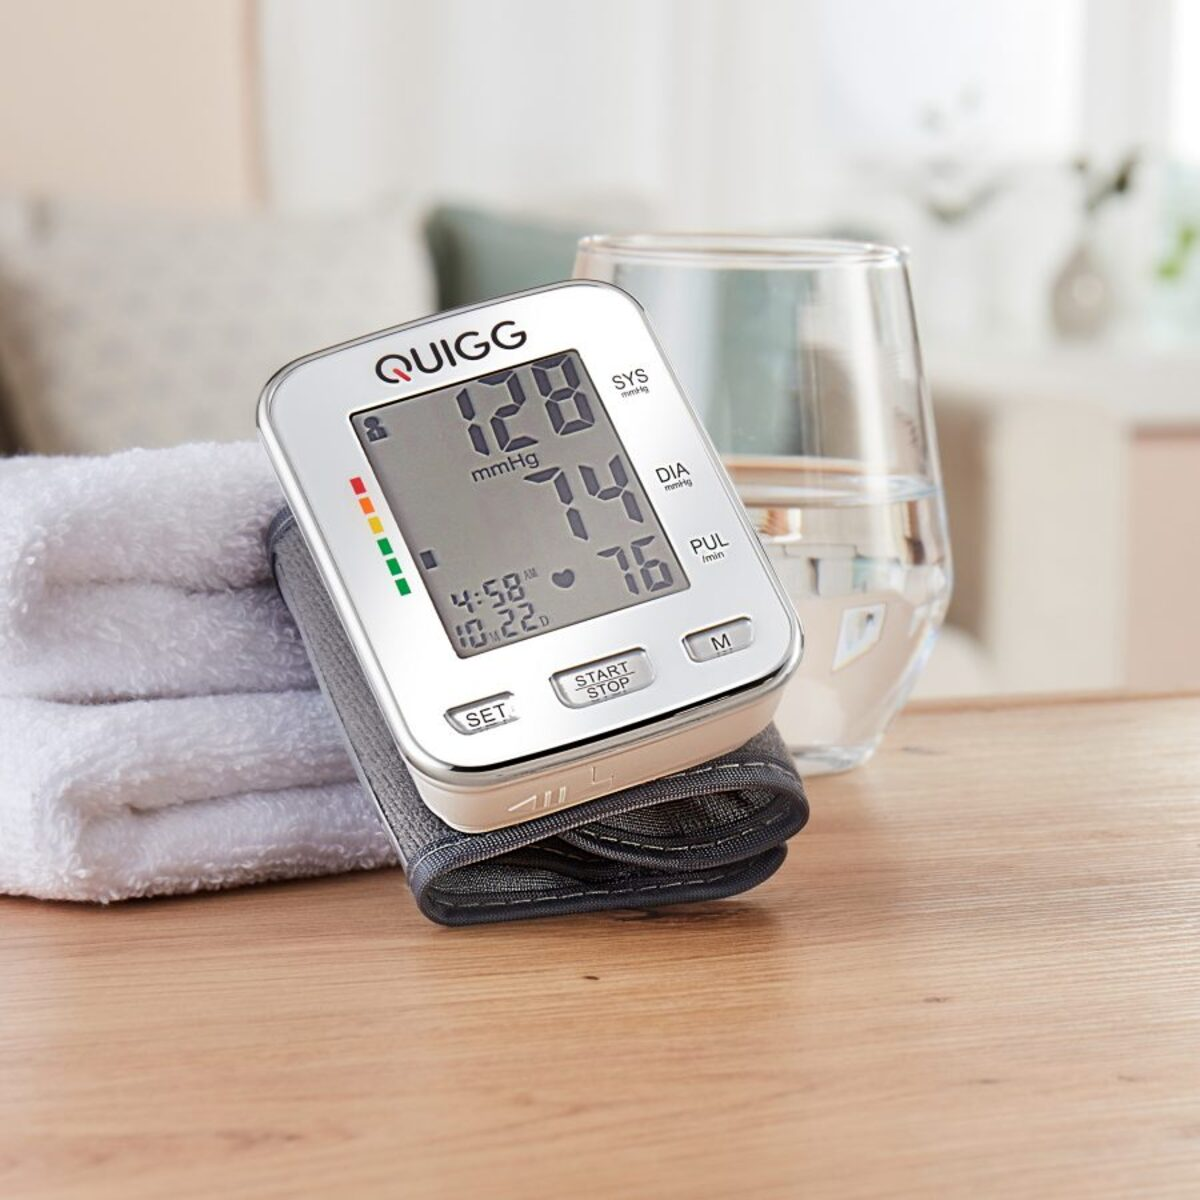 Bild 2 von QUIGG     Handgelenk-Blutdruckmessgerät BDU 751